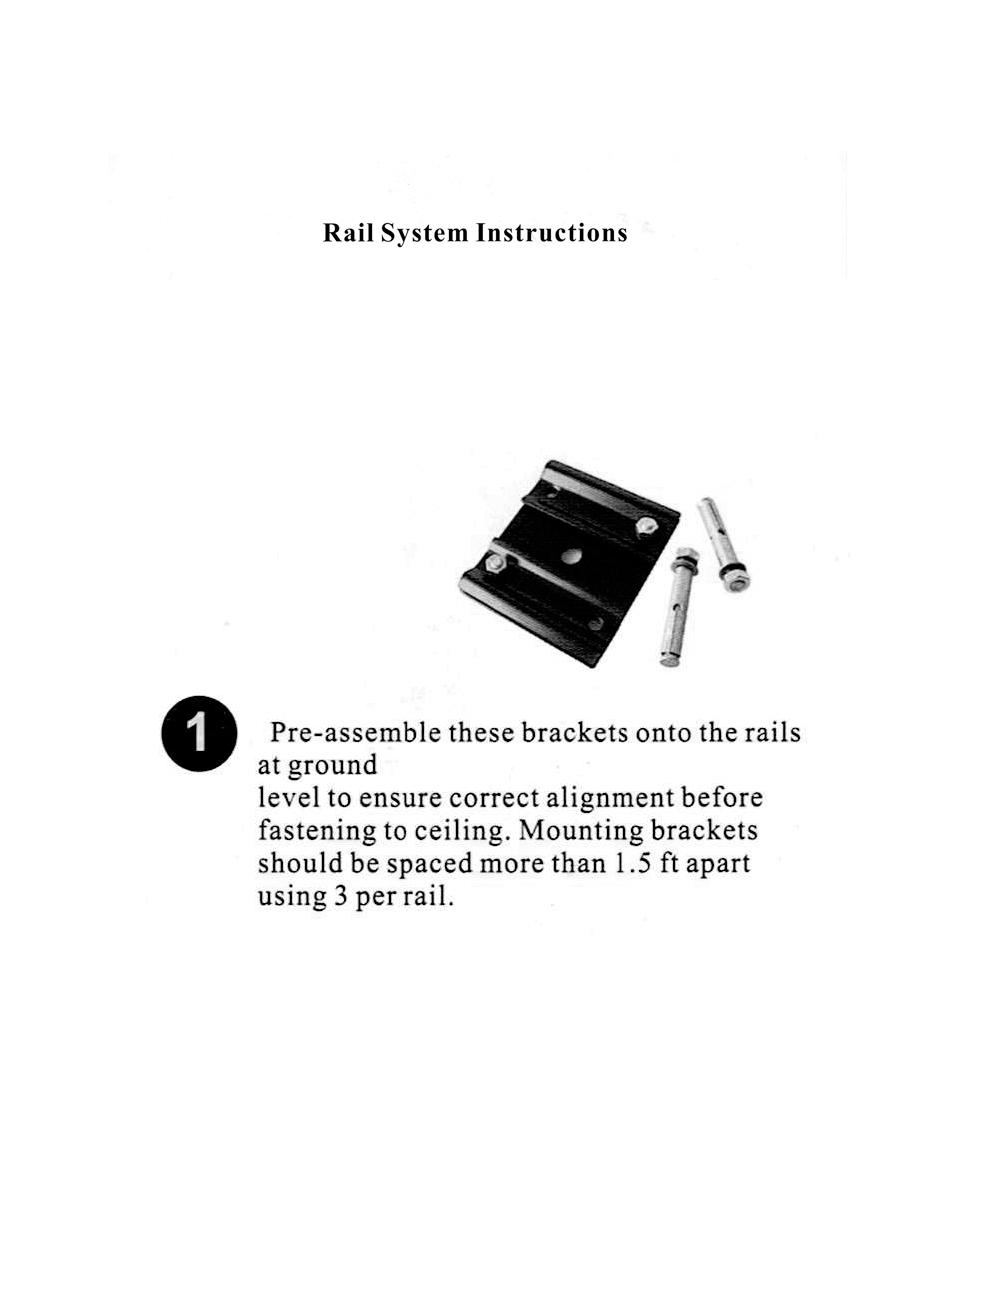 Cargador de hasta 8 Pilas AA o AAA y 4 baterías 9V - No incluye baterías ni pilas